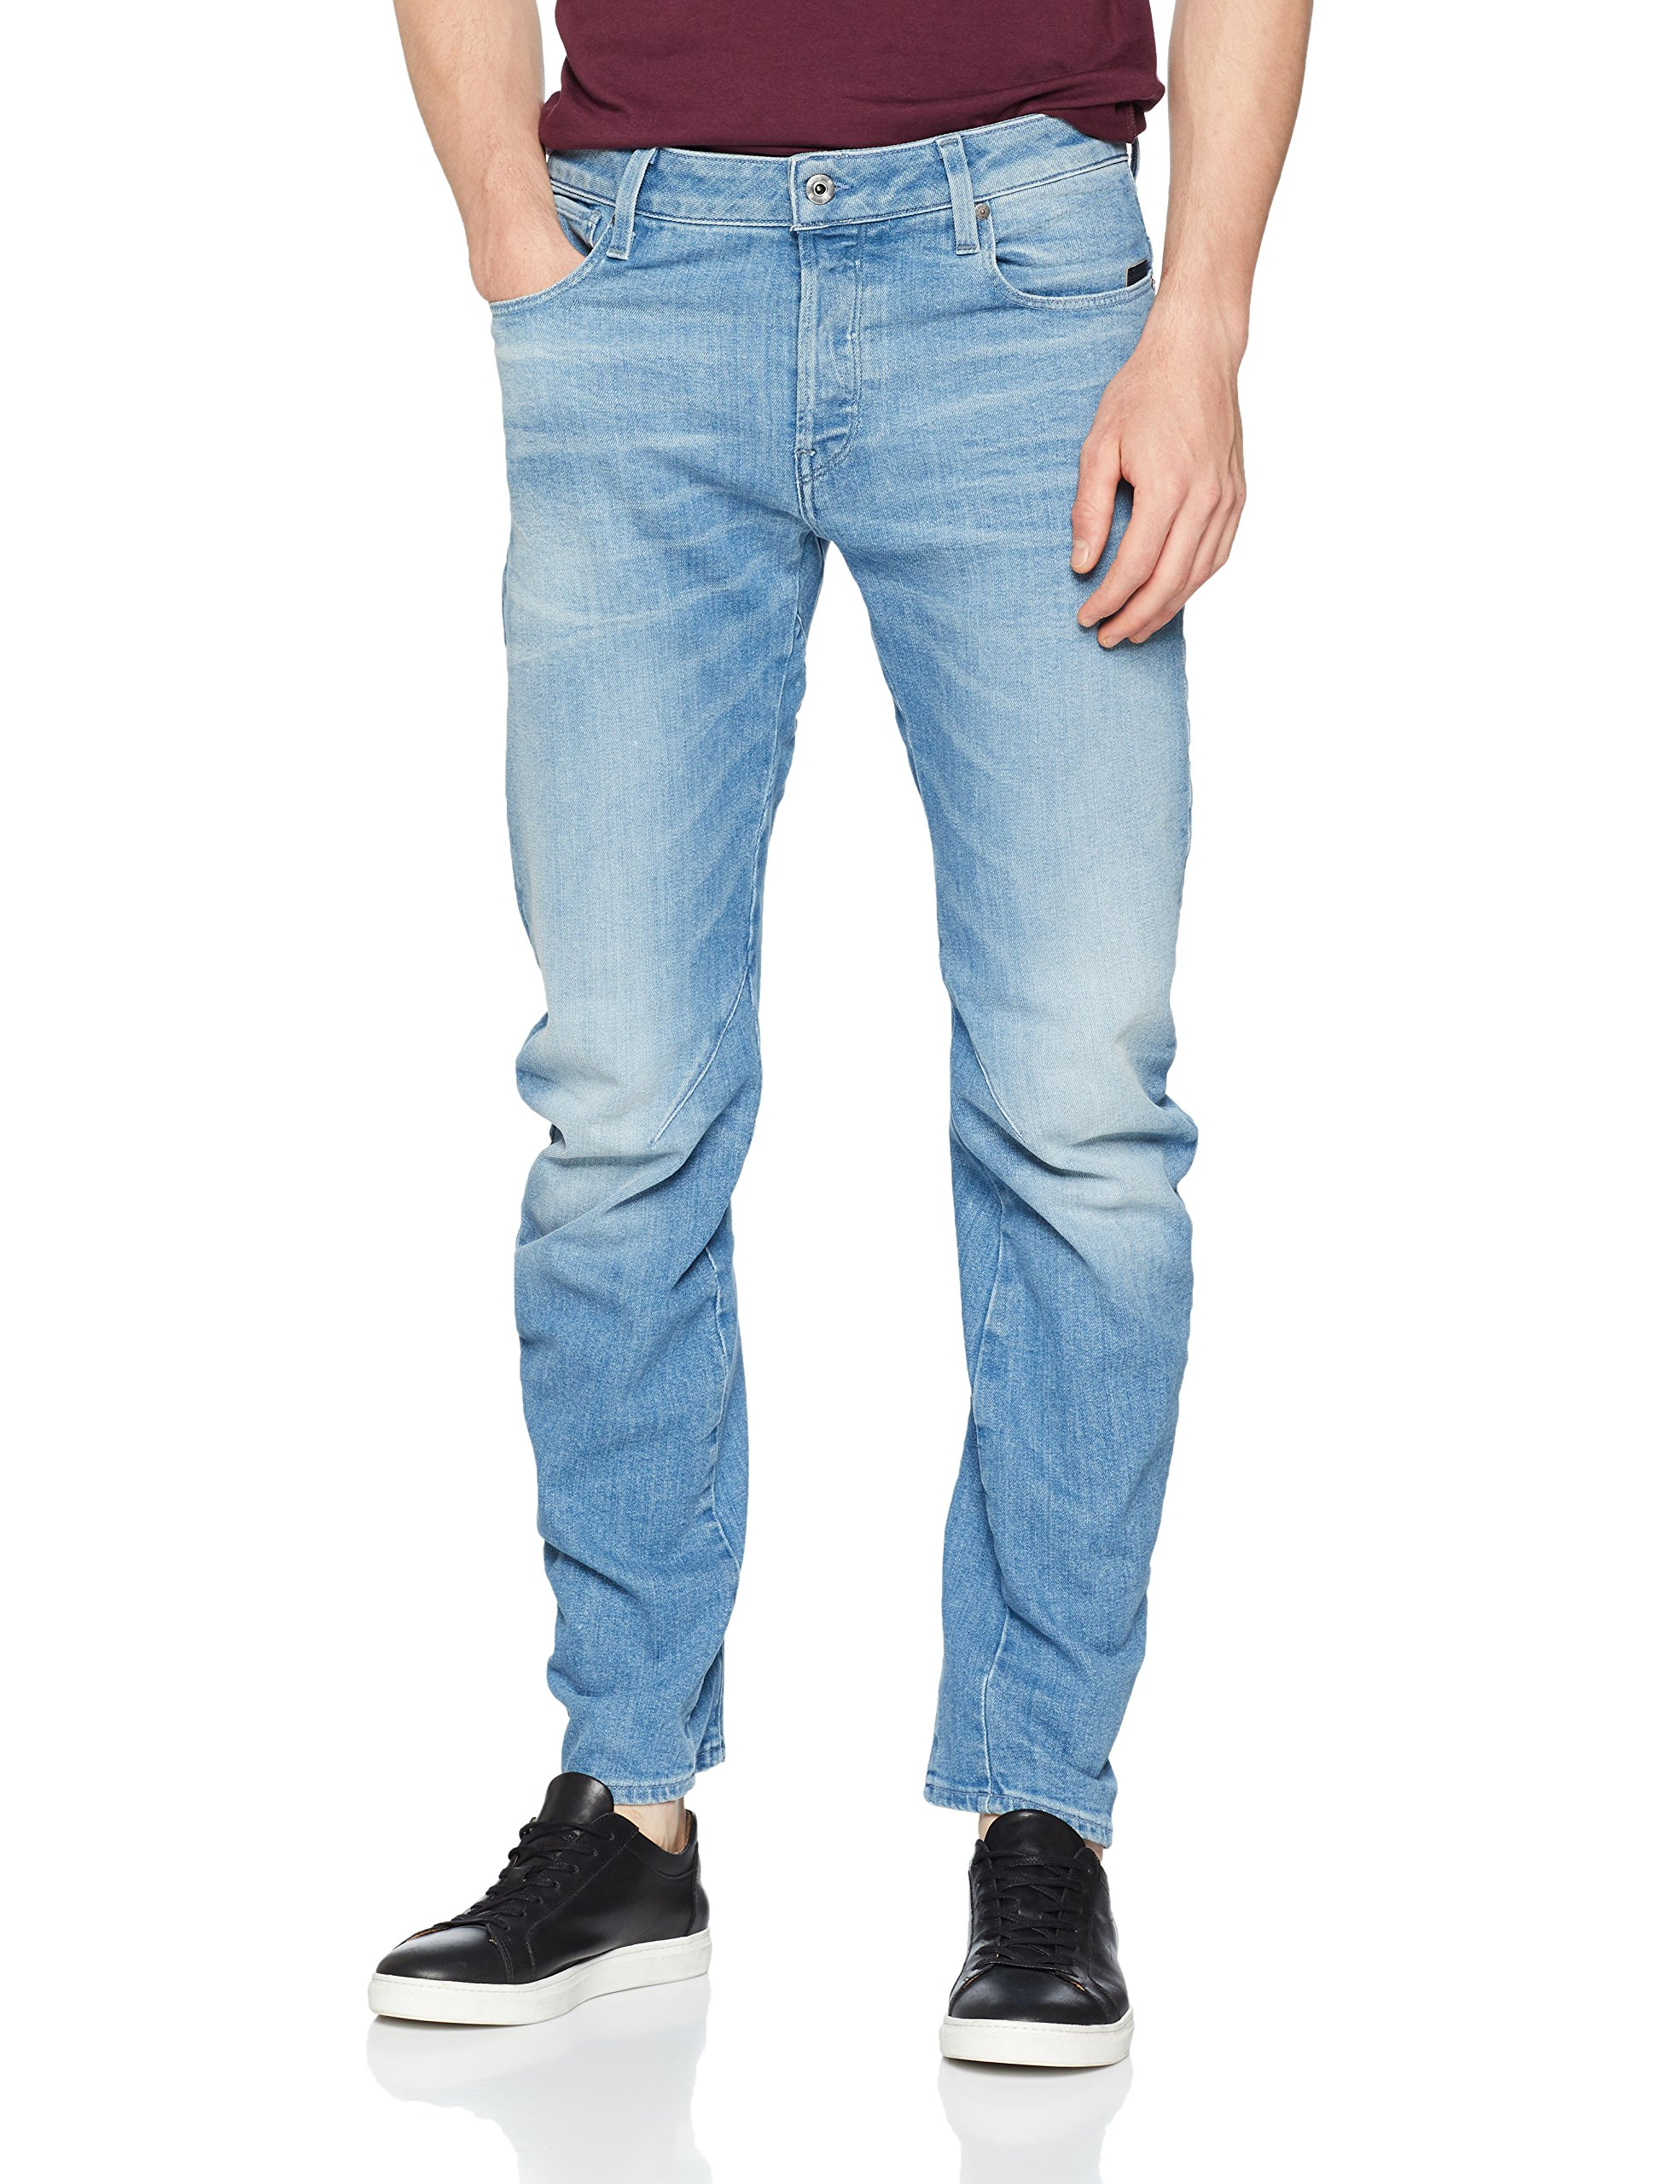 Waist JeansBleumedium Raw Homme 3d 07134w34l Low Aged 9871 Arc G Slim star 5ALRq3jc4